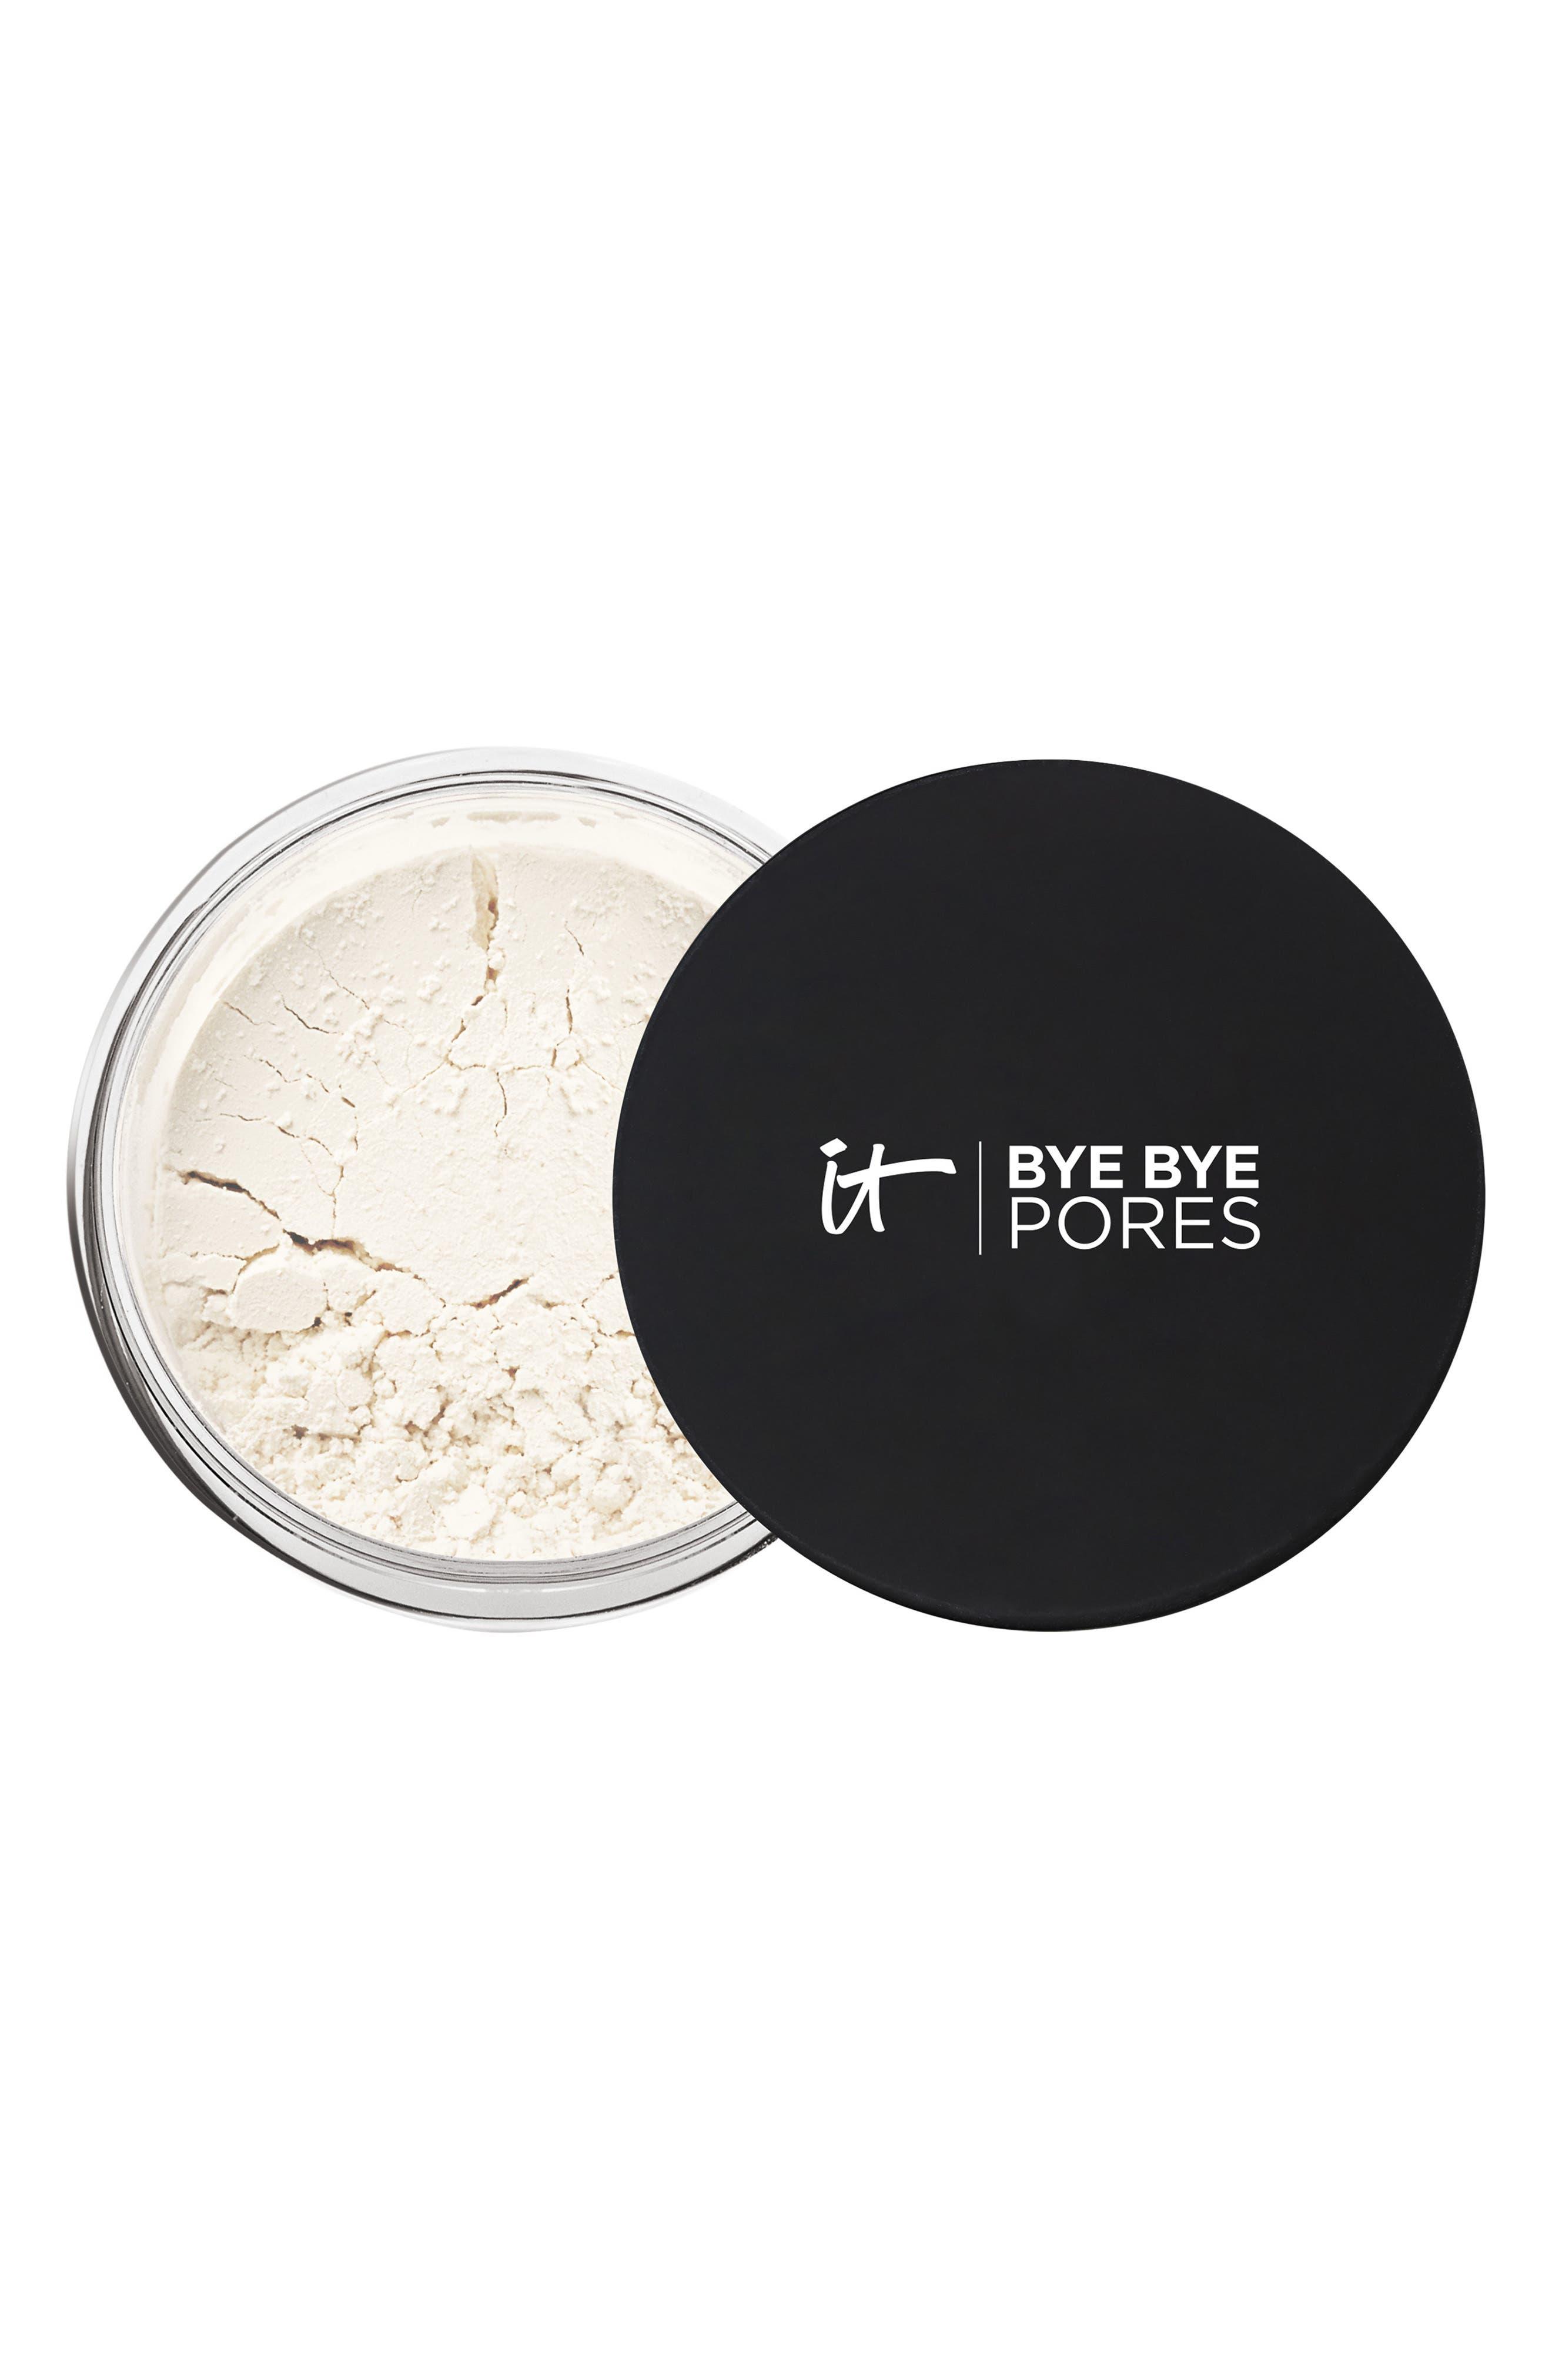 Bye Bye Pores Loose Setting Powder